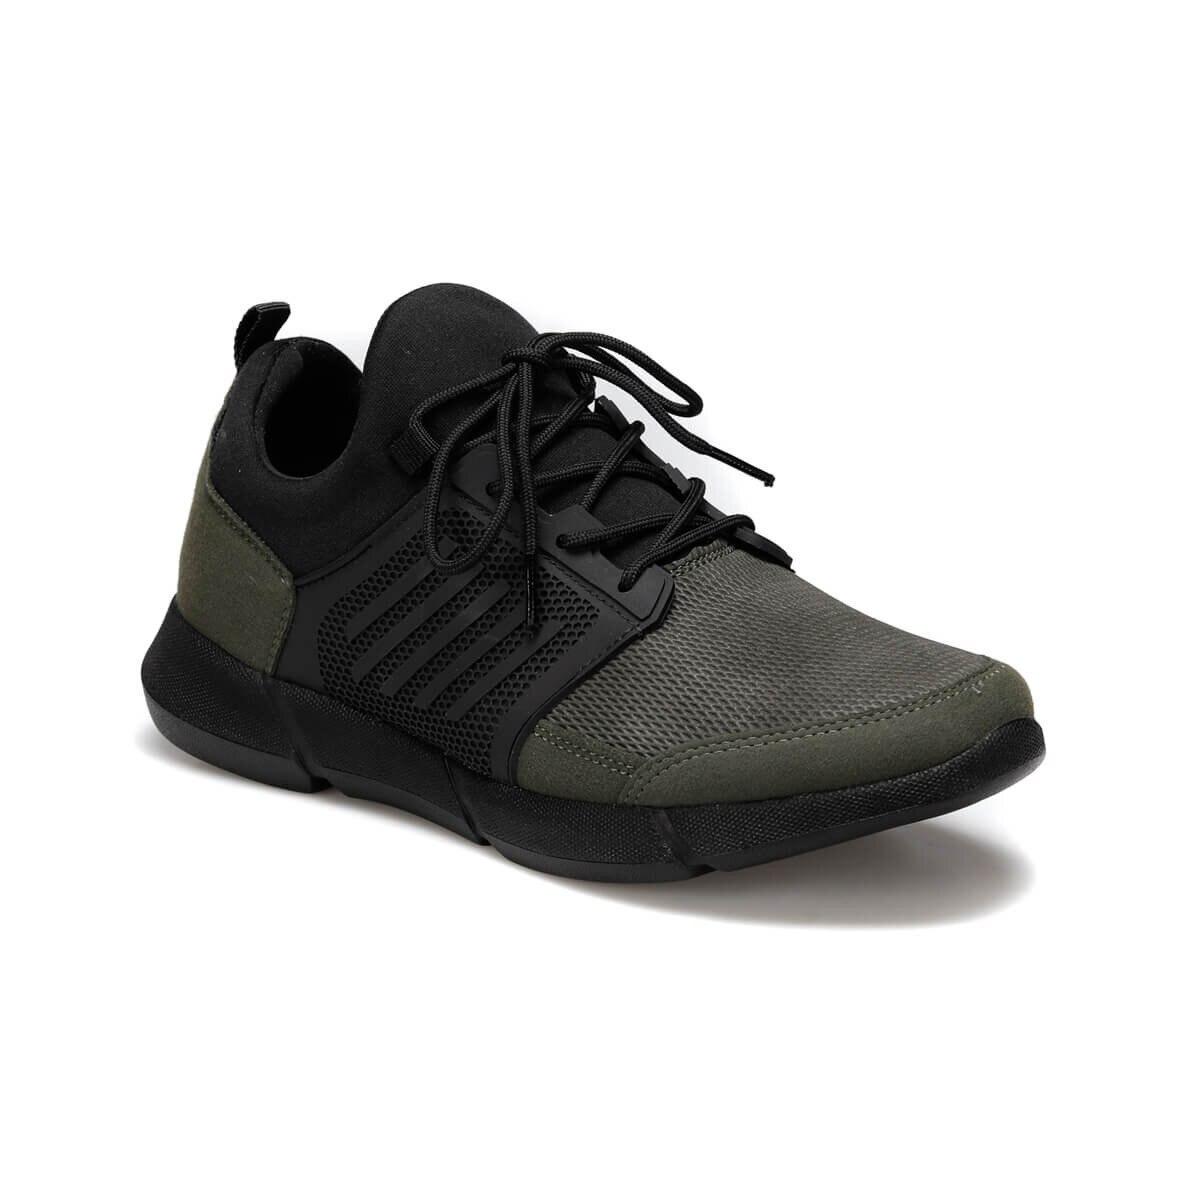 FLO AYD-2 Yeşil Erkek Ayakkabı Forester